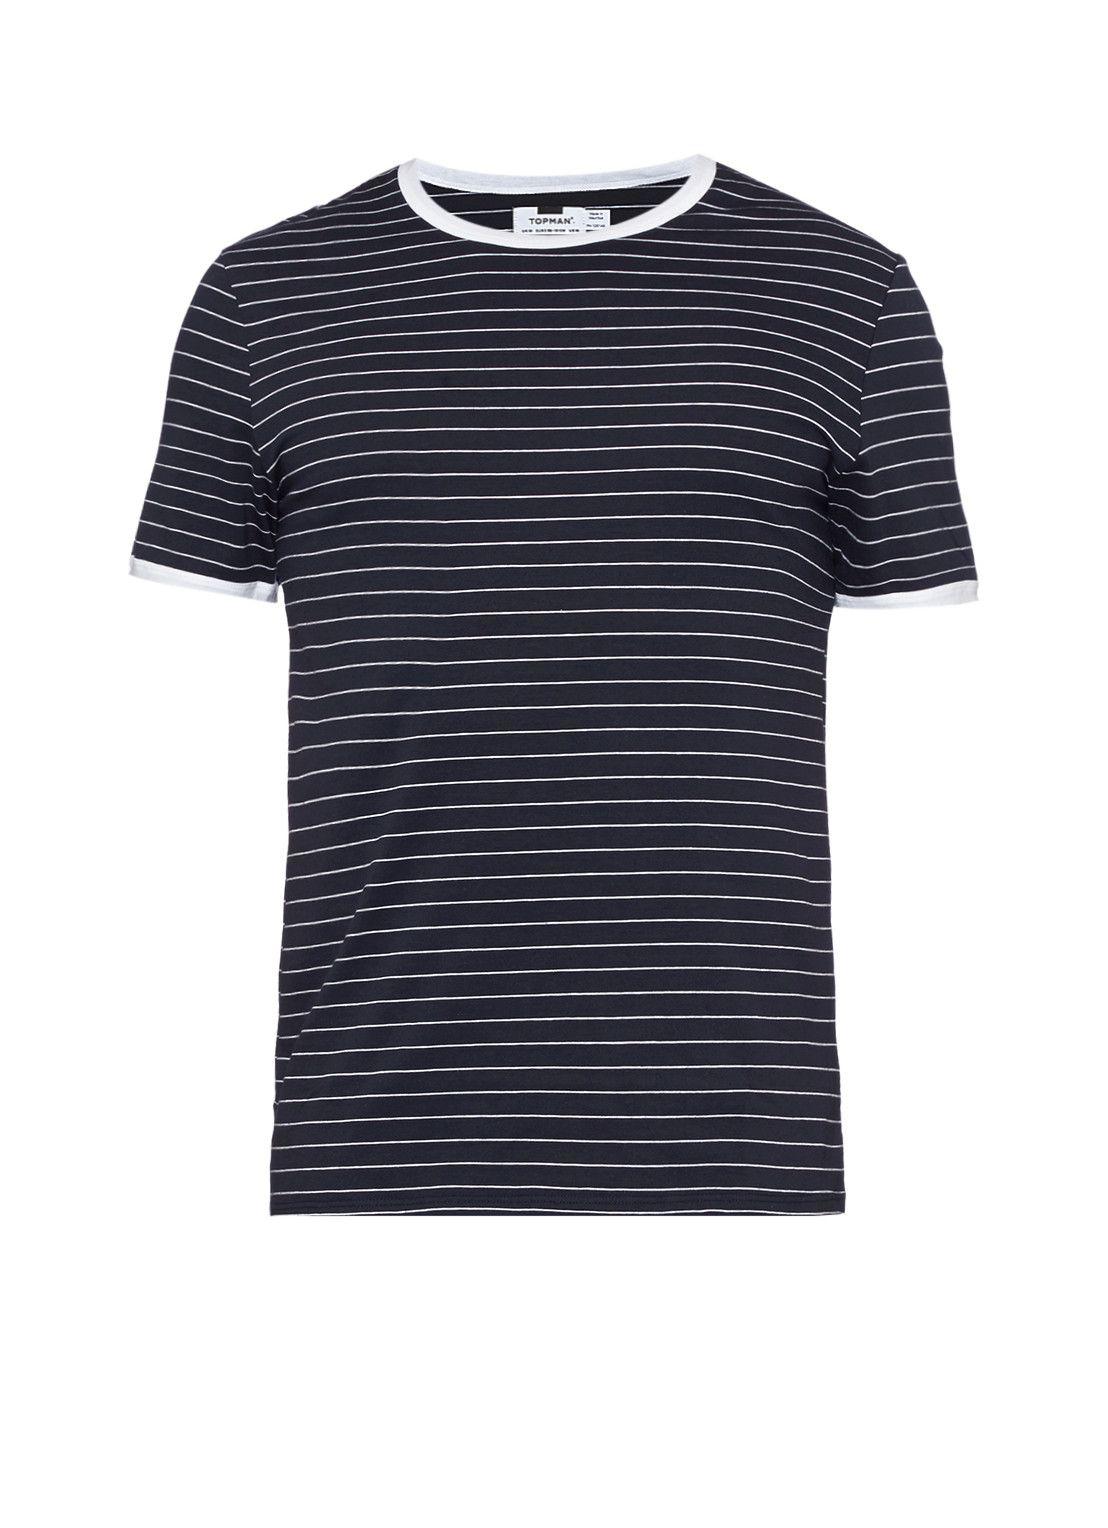 TOPMAN Gestreept T-shirt in donkerblauw • de Bijenkorf